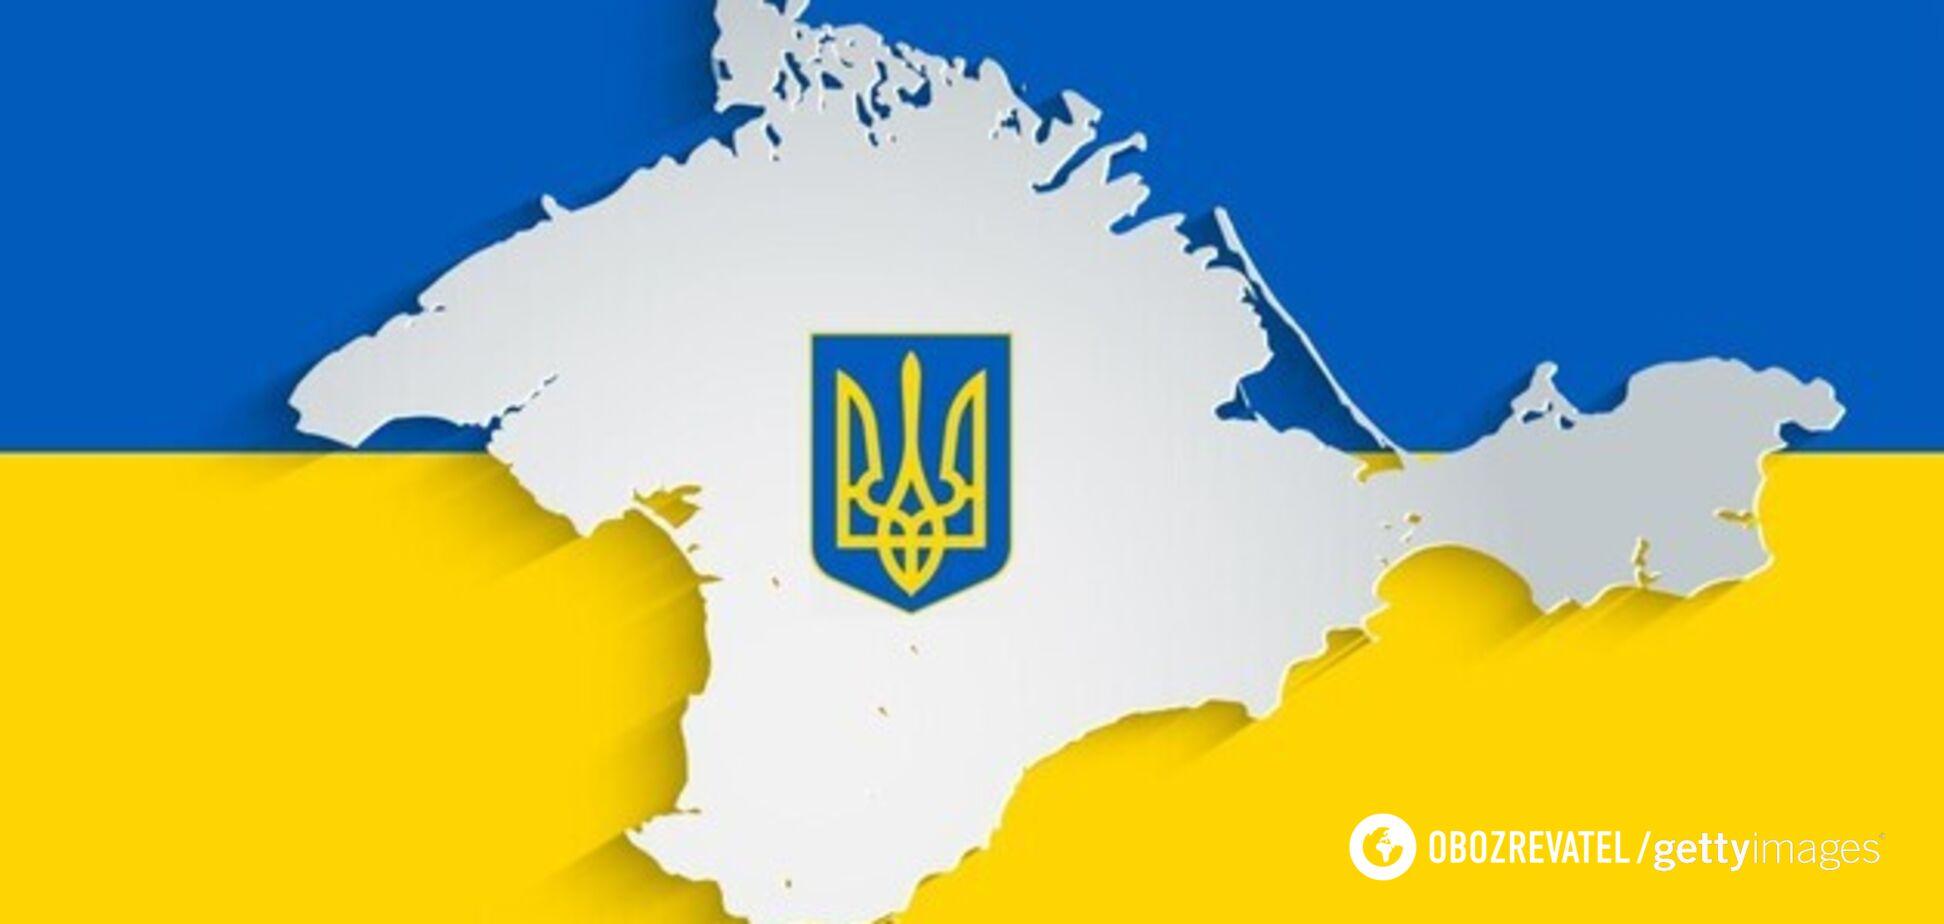 Новости Крымнаша. Украина: золотое было время во всем!